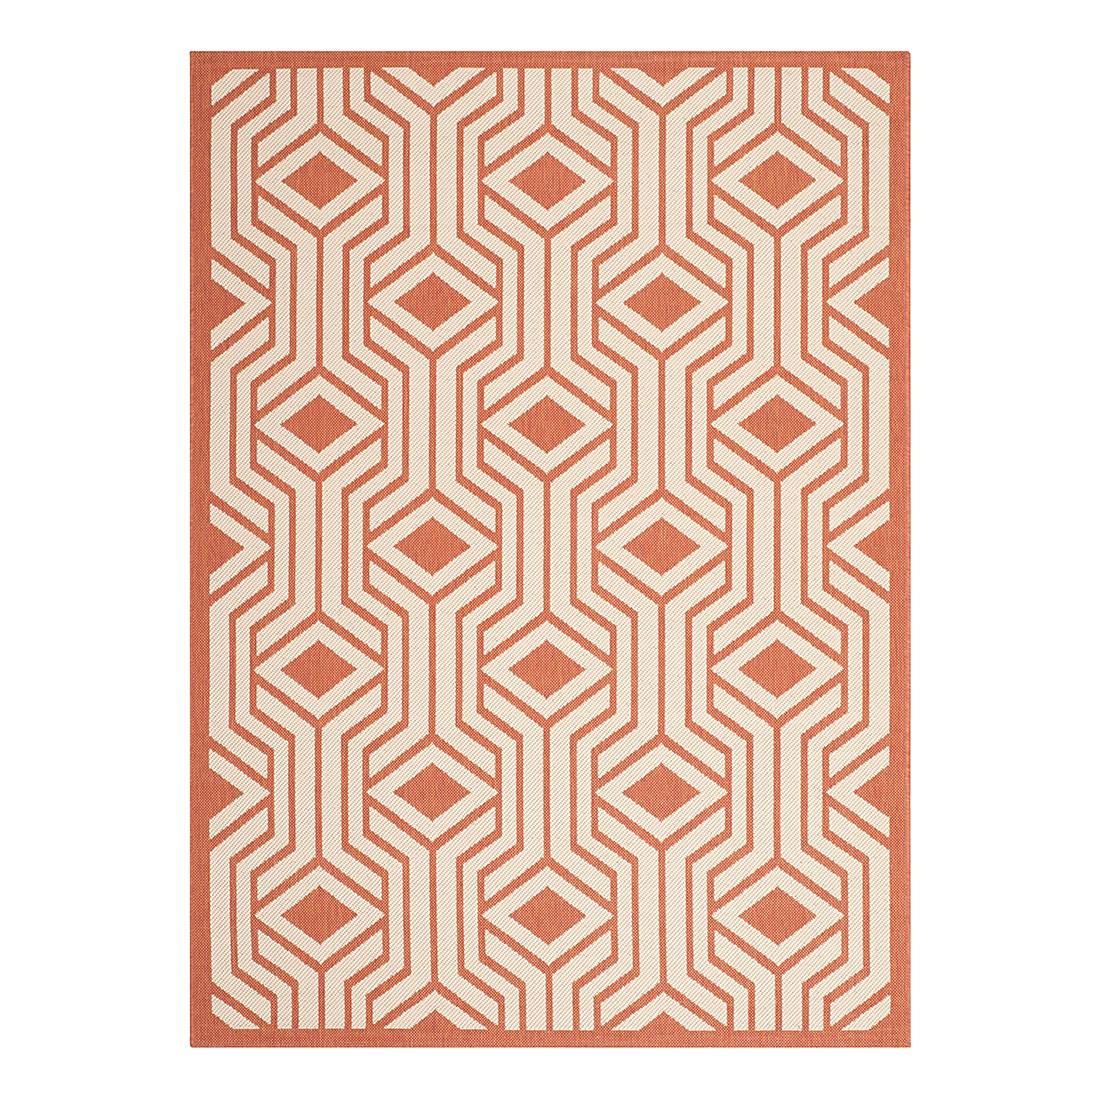 In-/Outdoorteppich Samos - Beige/Terracotta - Maße: 160 x 231 cm, Safavieh